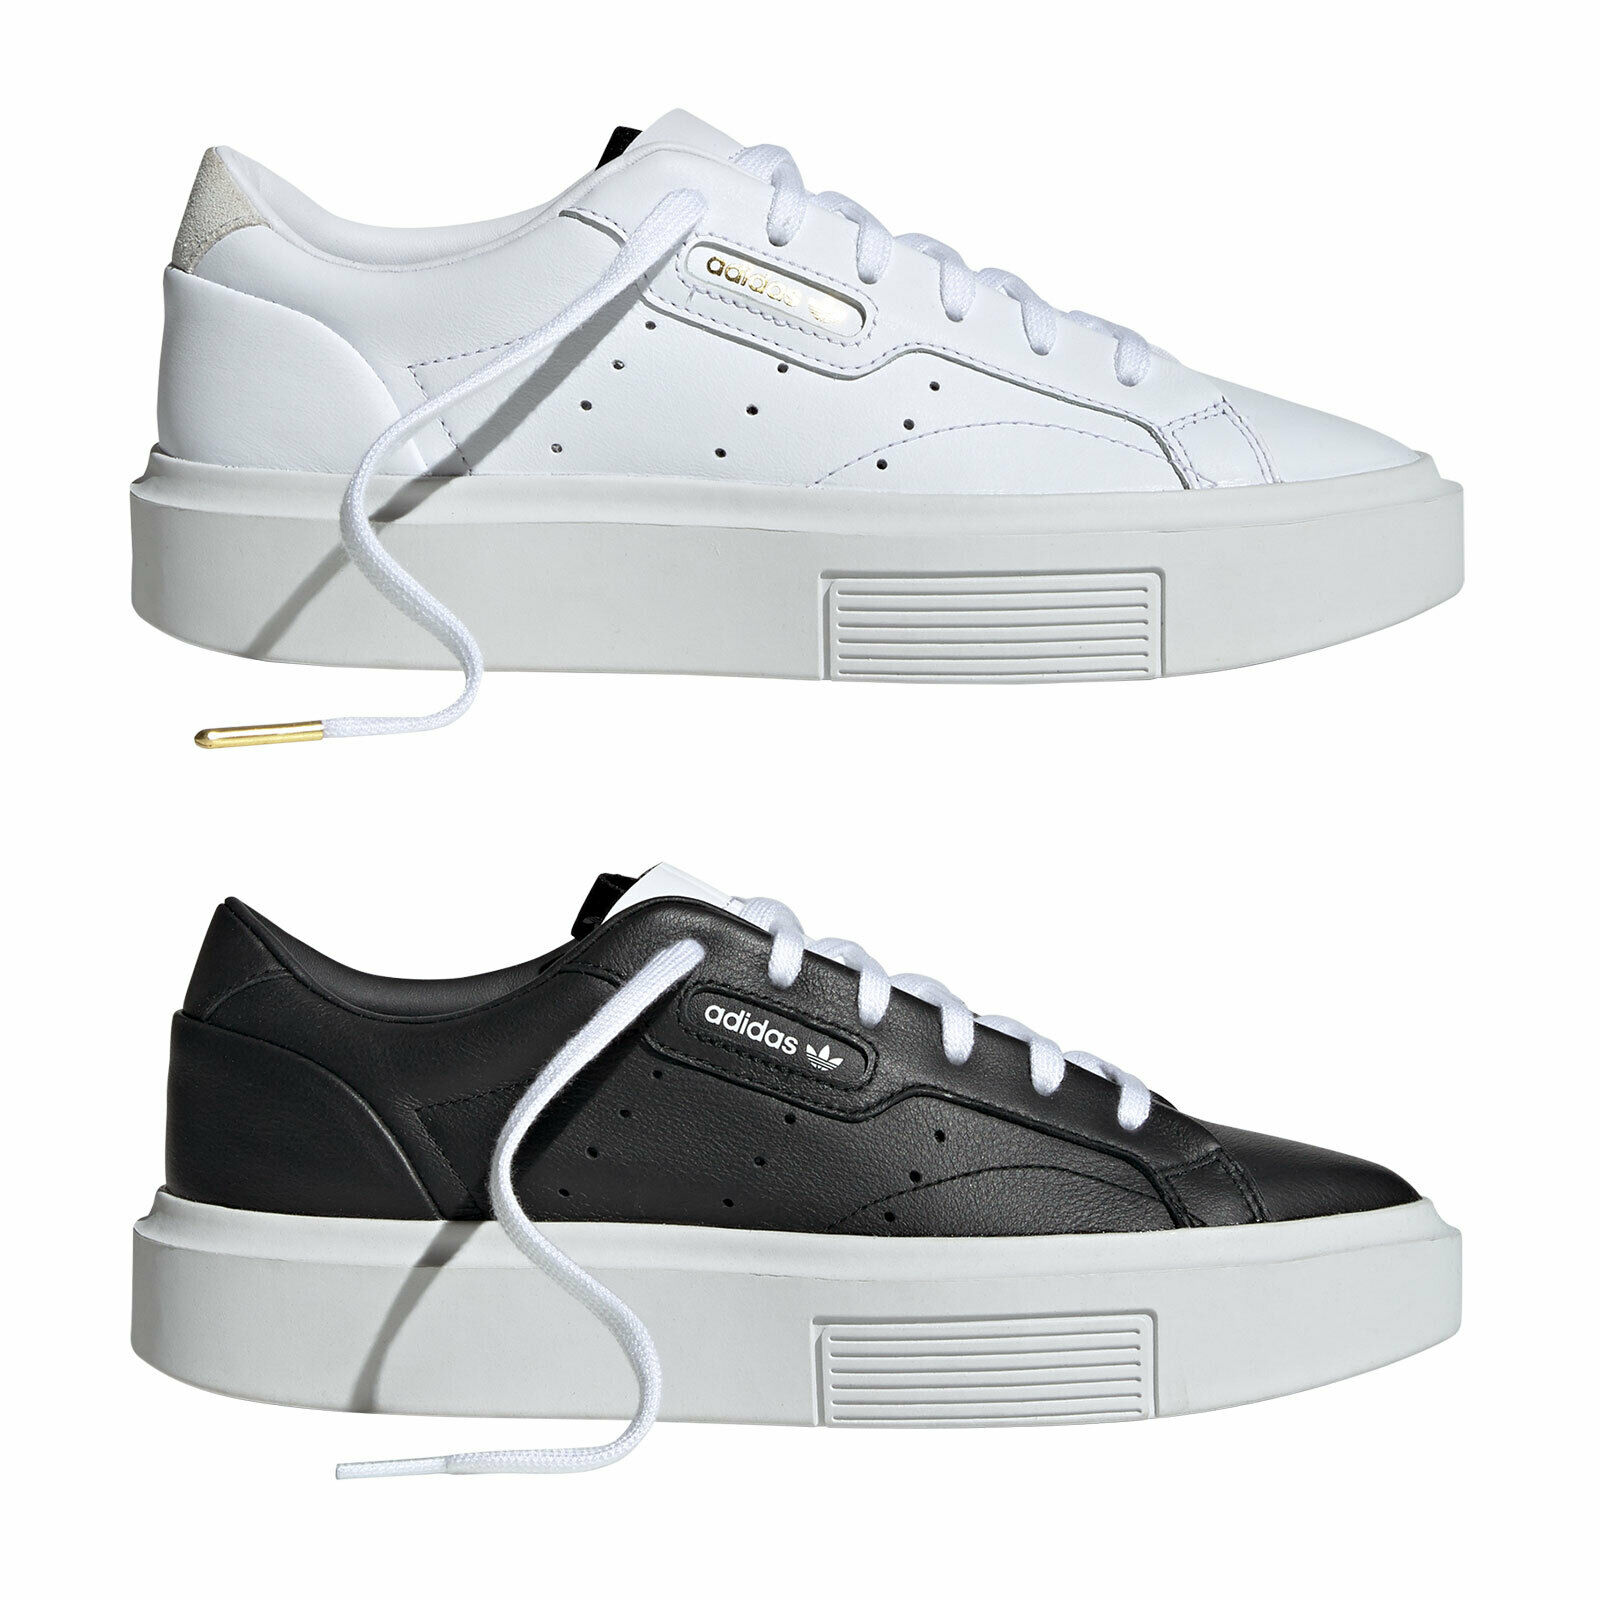 Damänner Sleek Originals Adidas Turnschuhe Super NEU Plateau